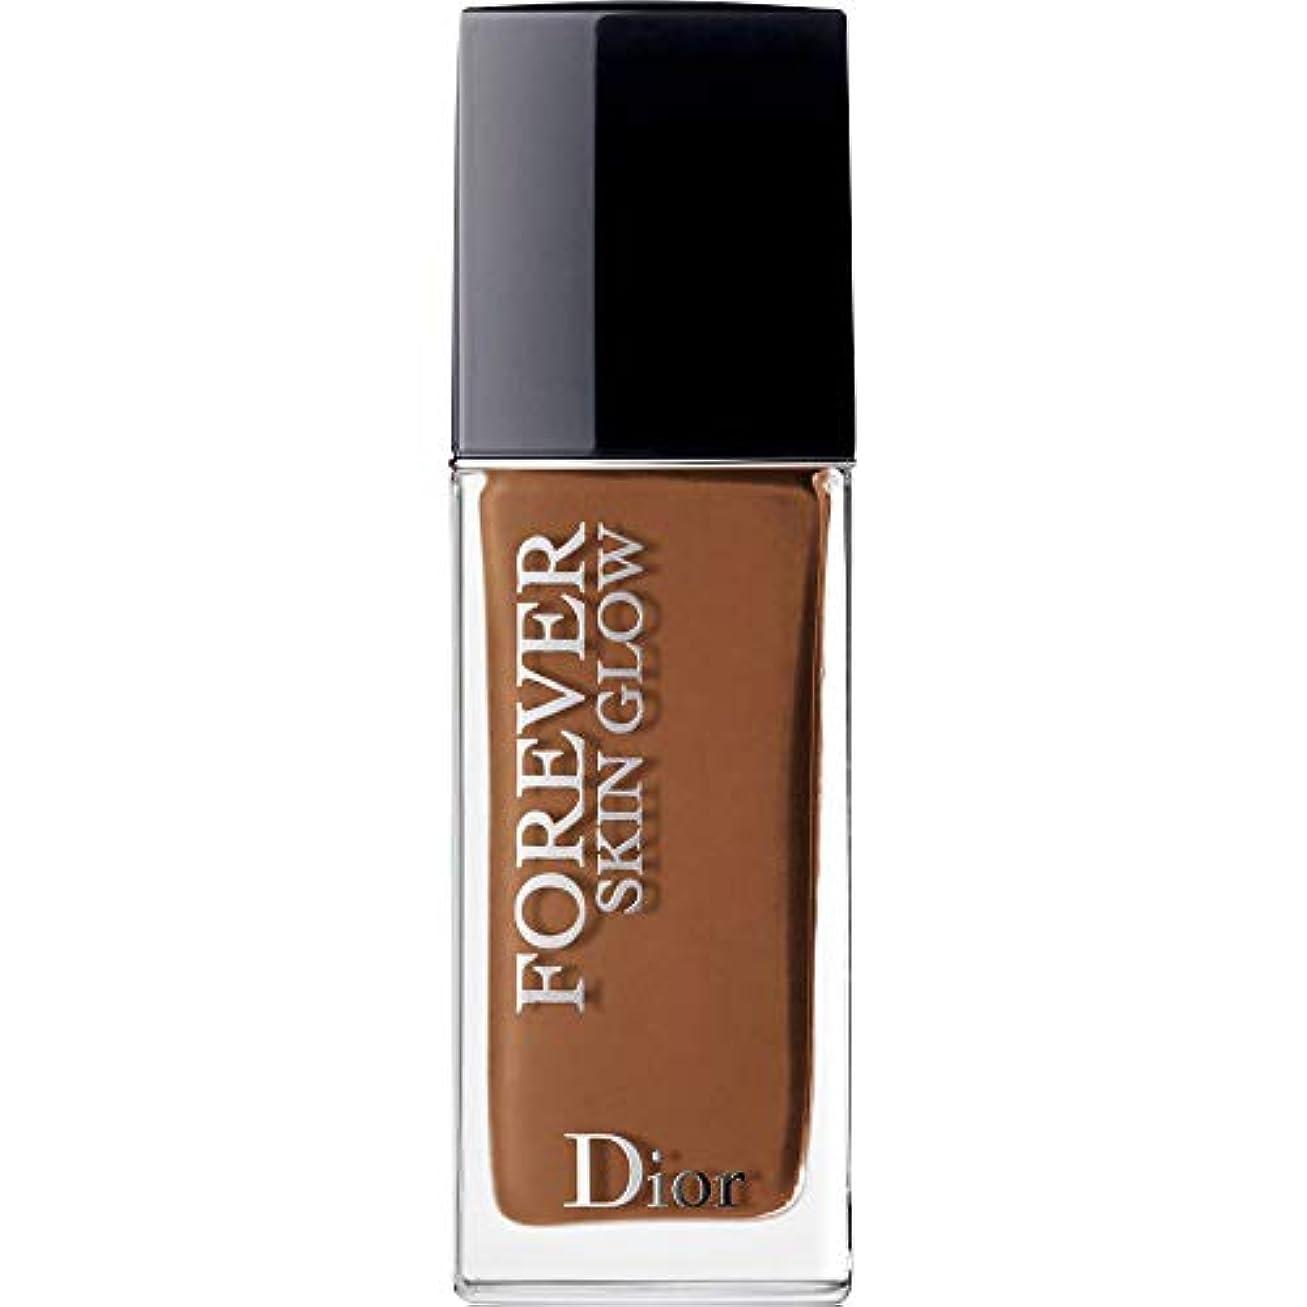 軽蔑する把握公式[Dior ] ディオール永遠に皮膚グロー皮膚思いやりの基礎Spf35 30ミリリットルの8N - ニュートラル(肌の輝き) - DIOR Forever Skin Glow Skin-Caring Foundation...